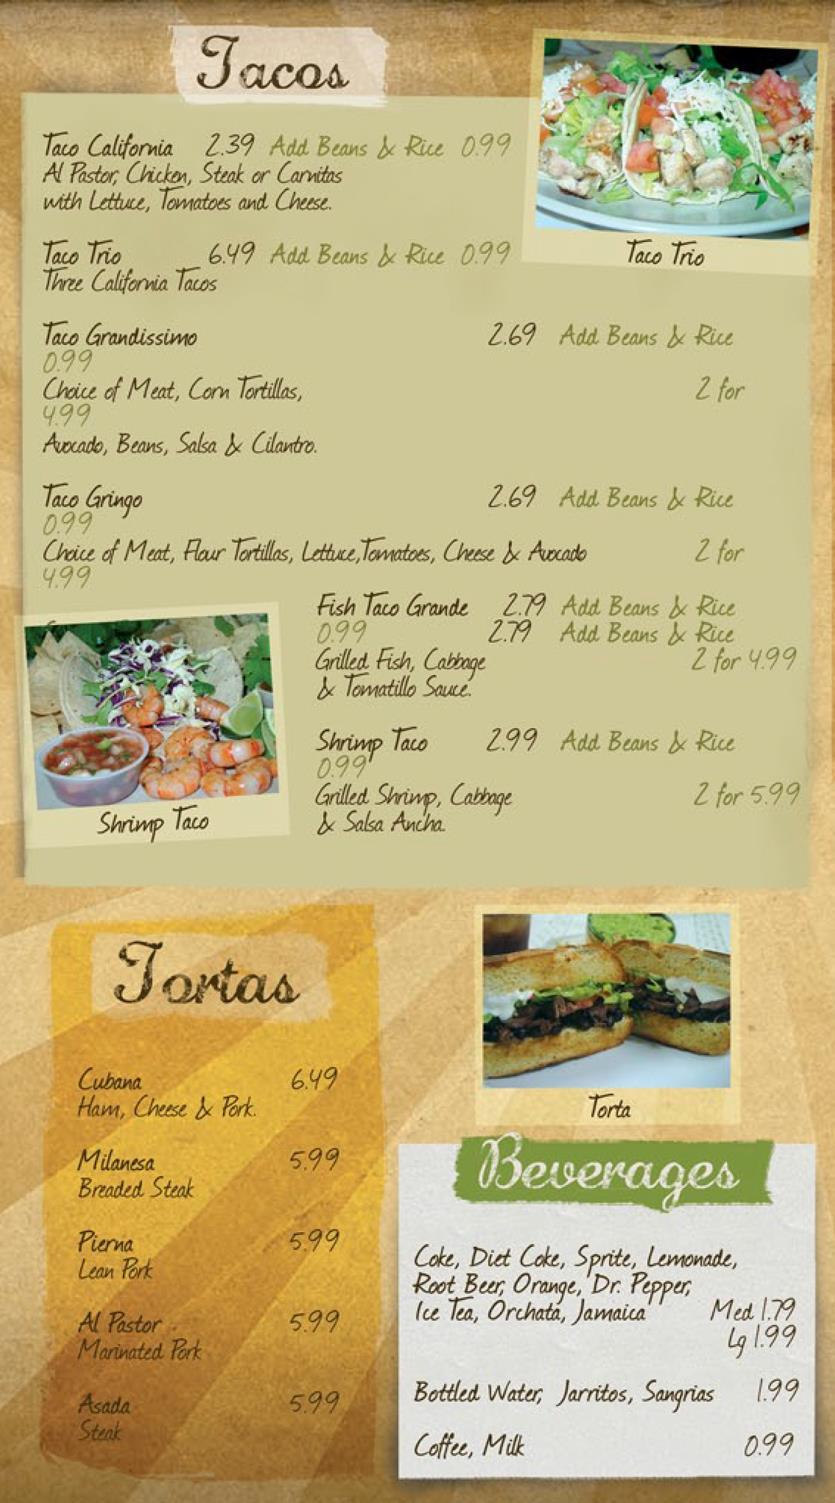 Tacos-Co-Irvine-restaurant-menus-1242450-TacosCo_Menu_3